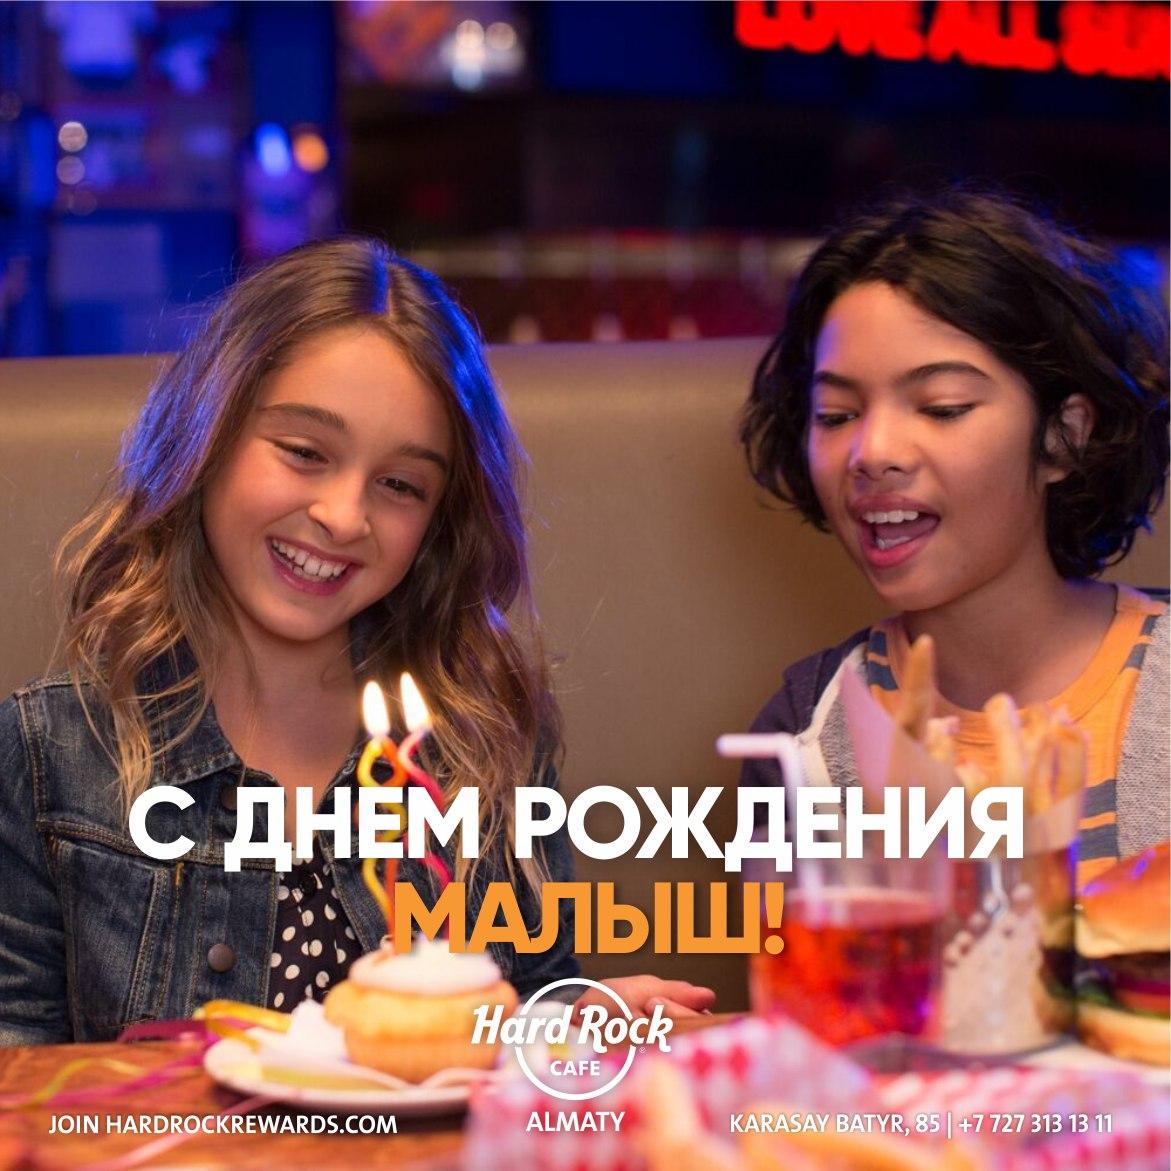 Детский день рождения в Hard Rock Cafe Almaty